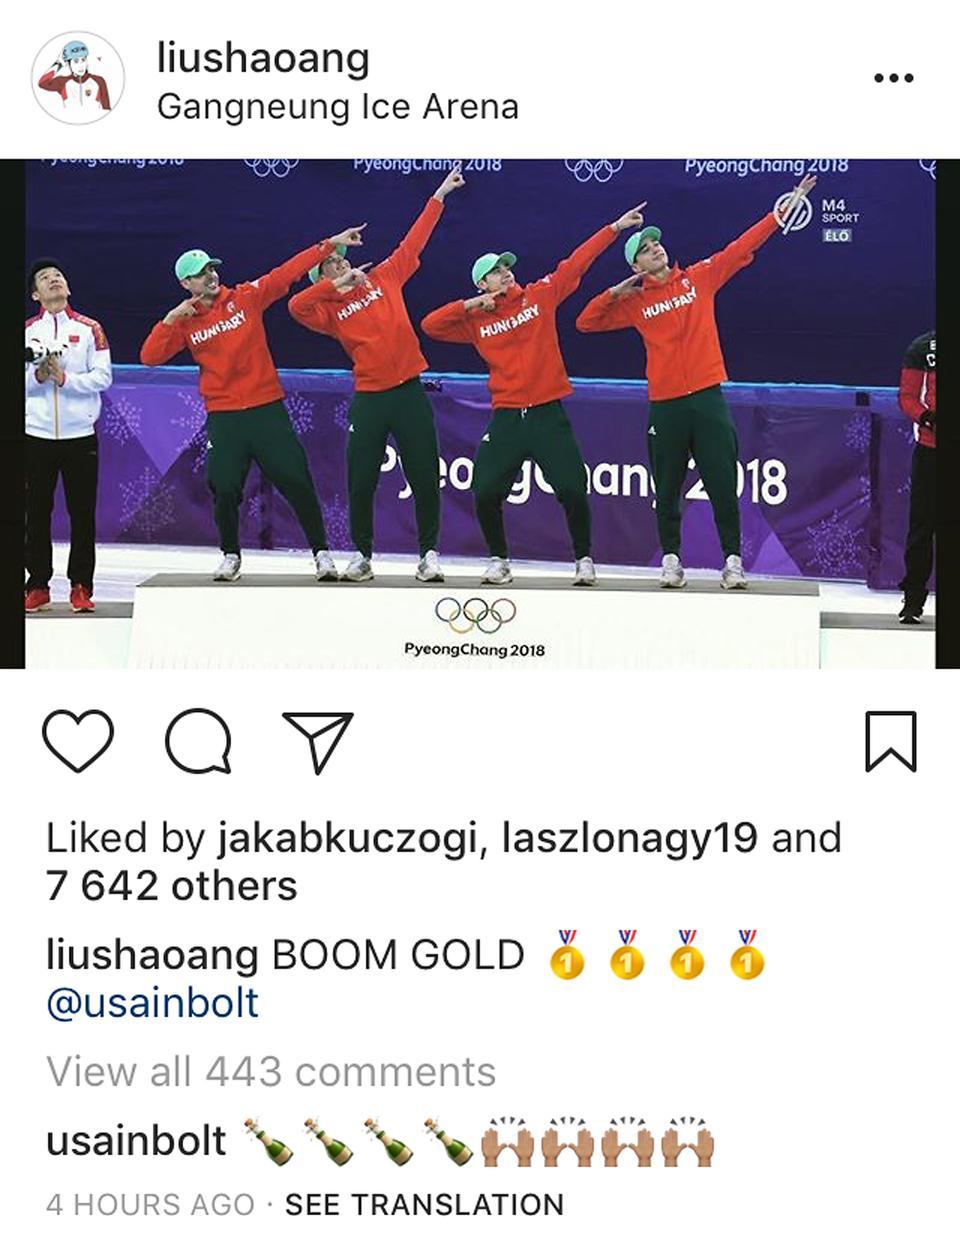 Friss hírek: A jamaicai sprinter az Instagramon reagált az aranyérmes csapat tagjának, Liu Shaoangnak.